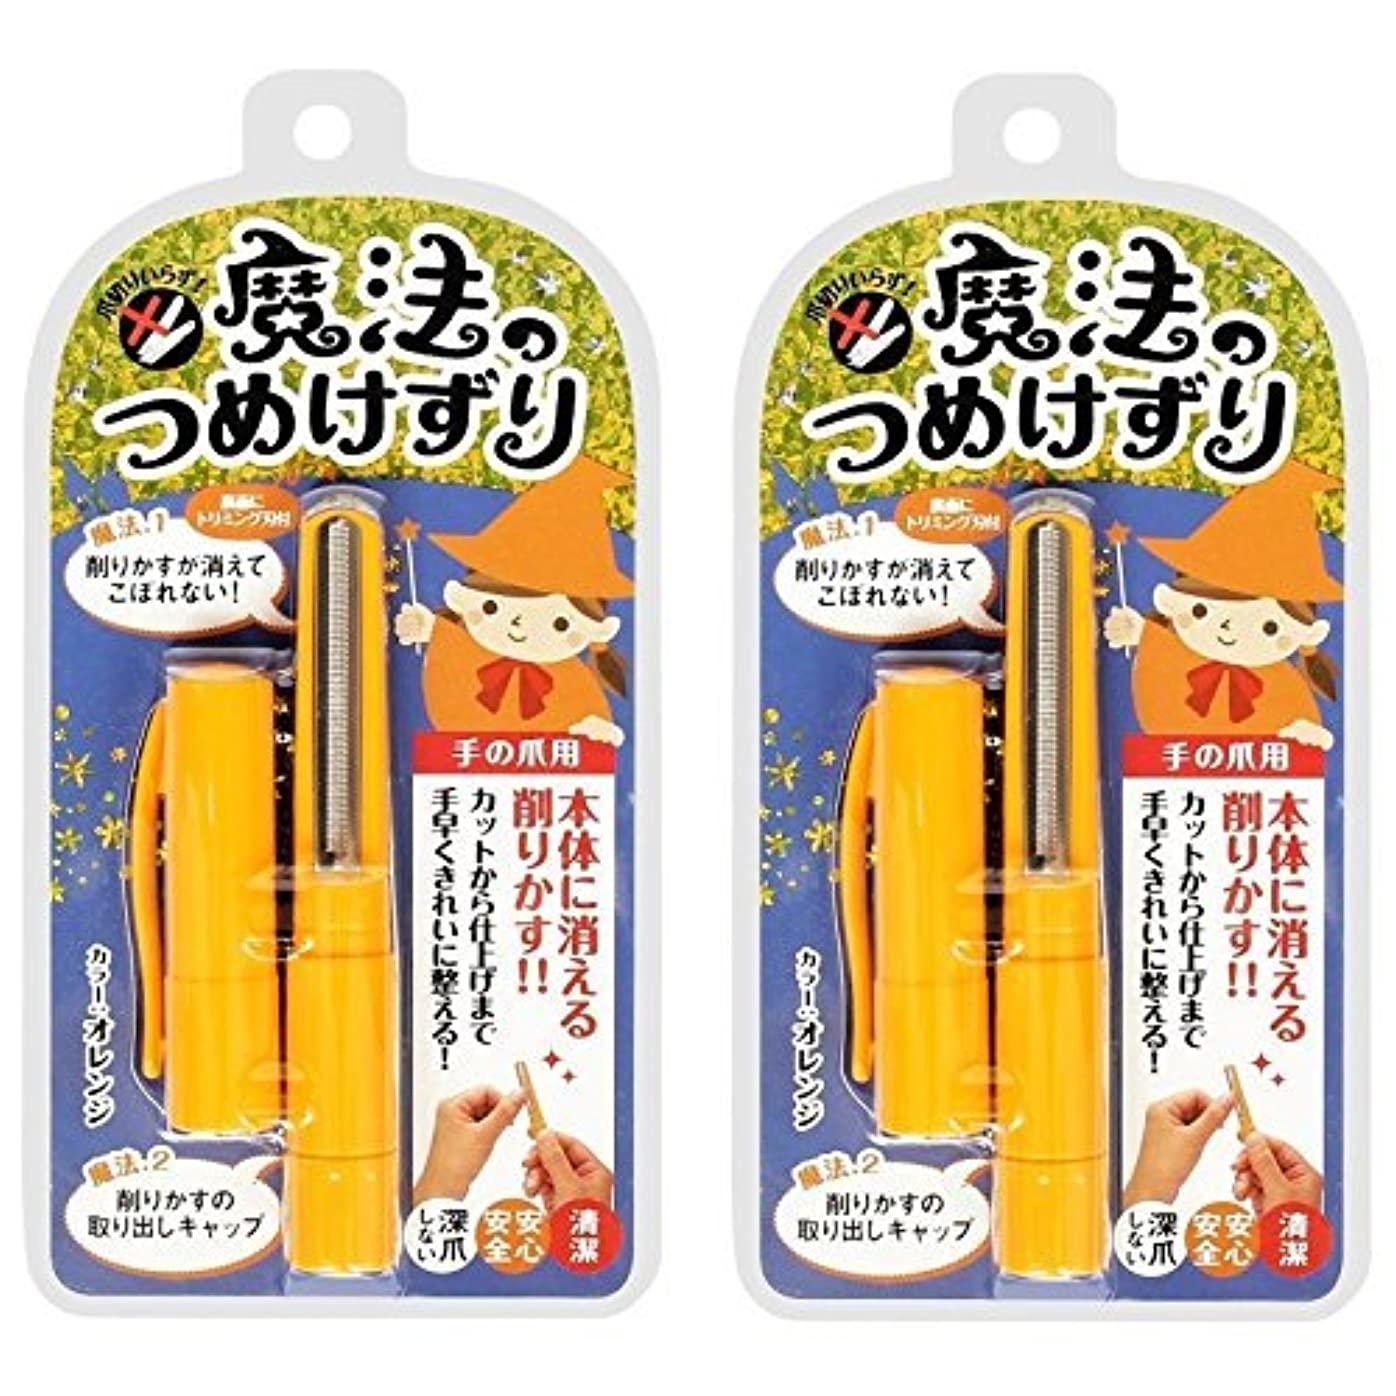 に付けるすごい沈黙【セット品】松本金型 魔法のつめけずり MM-090 オレンジ ×2個